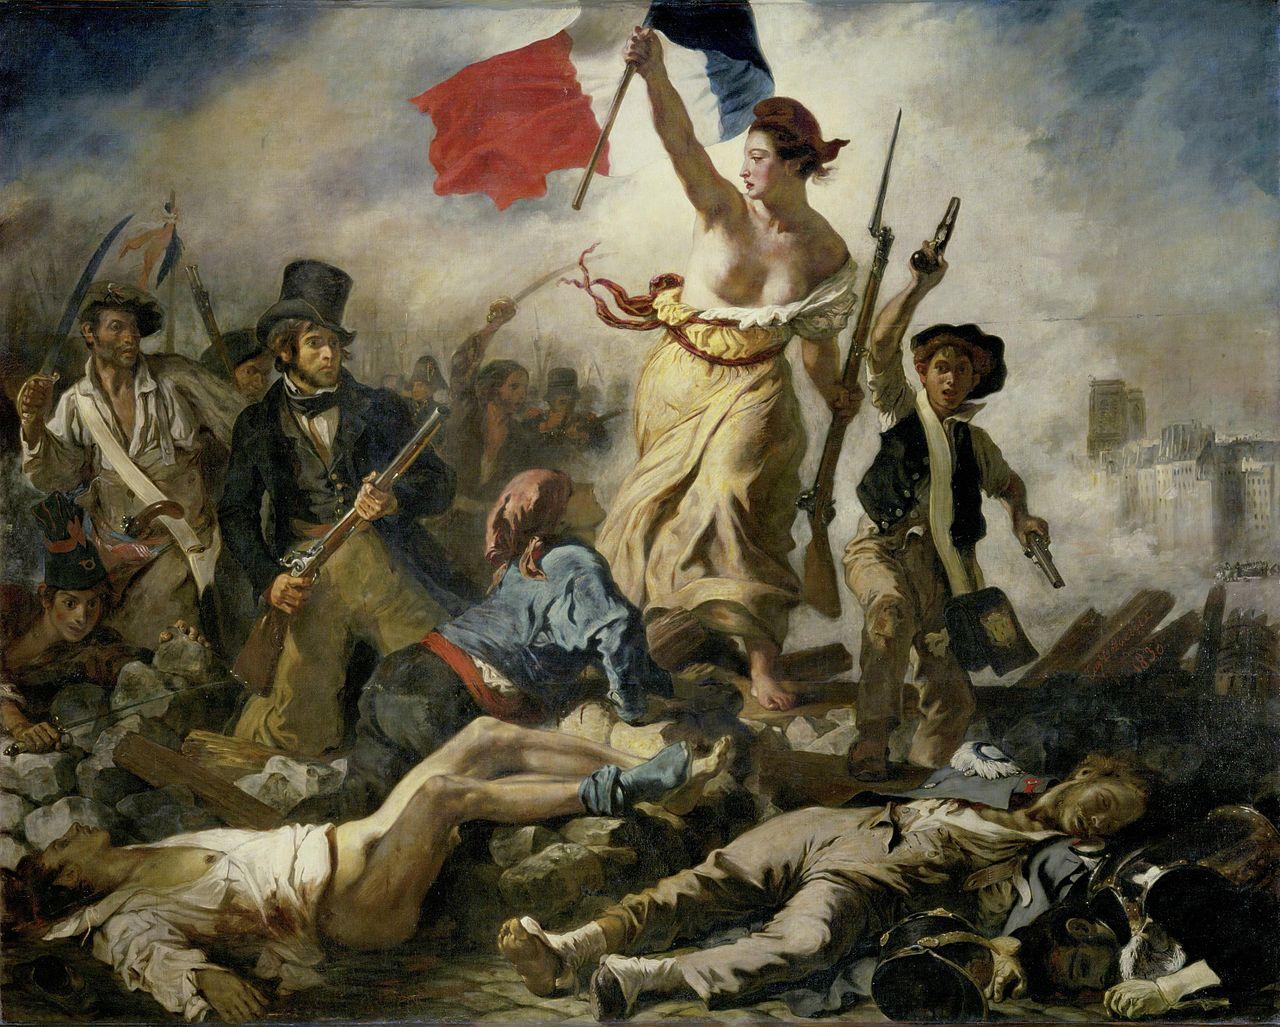 la libert guidant le peuple - Englisch Bildbeschreibung Muster